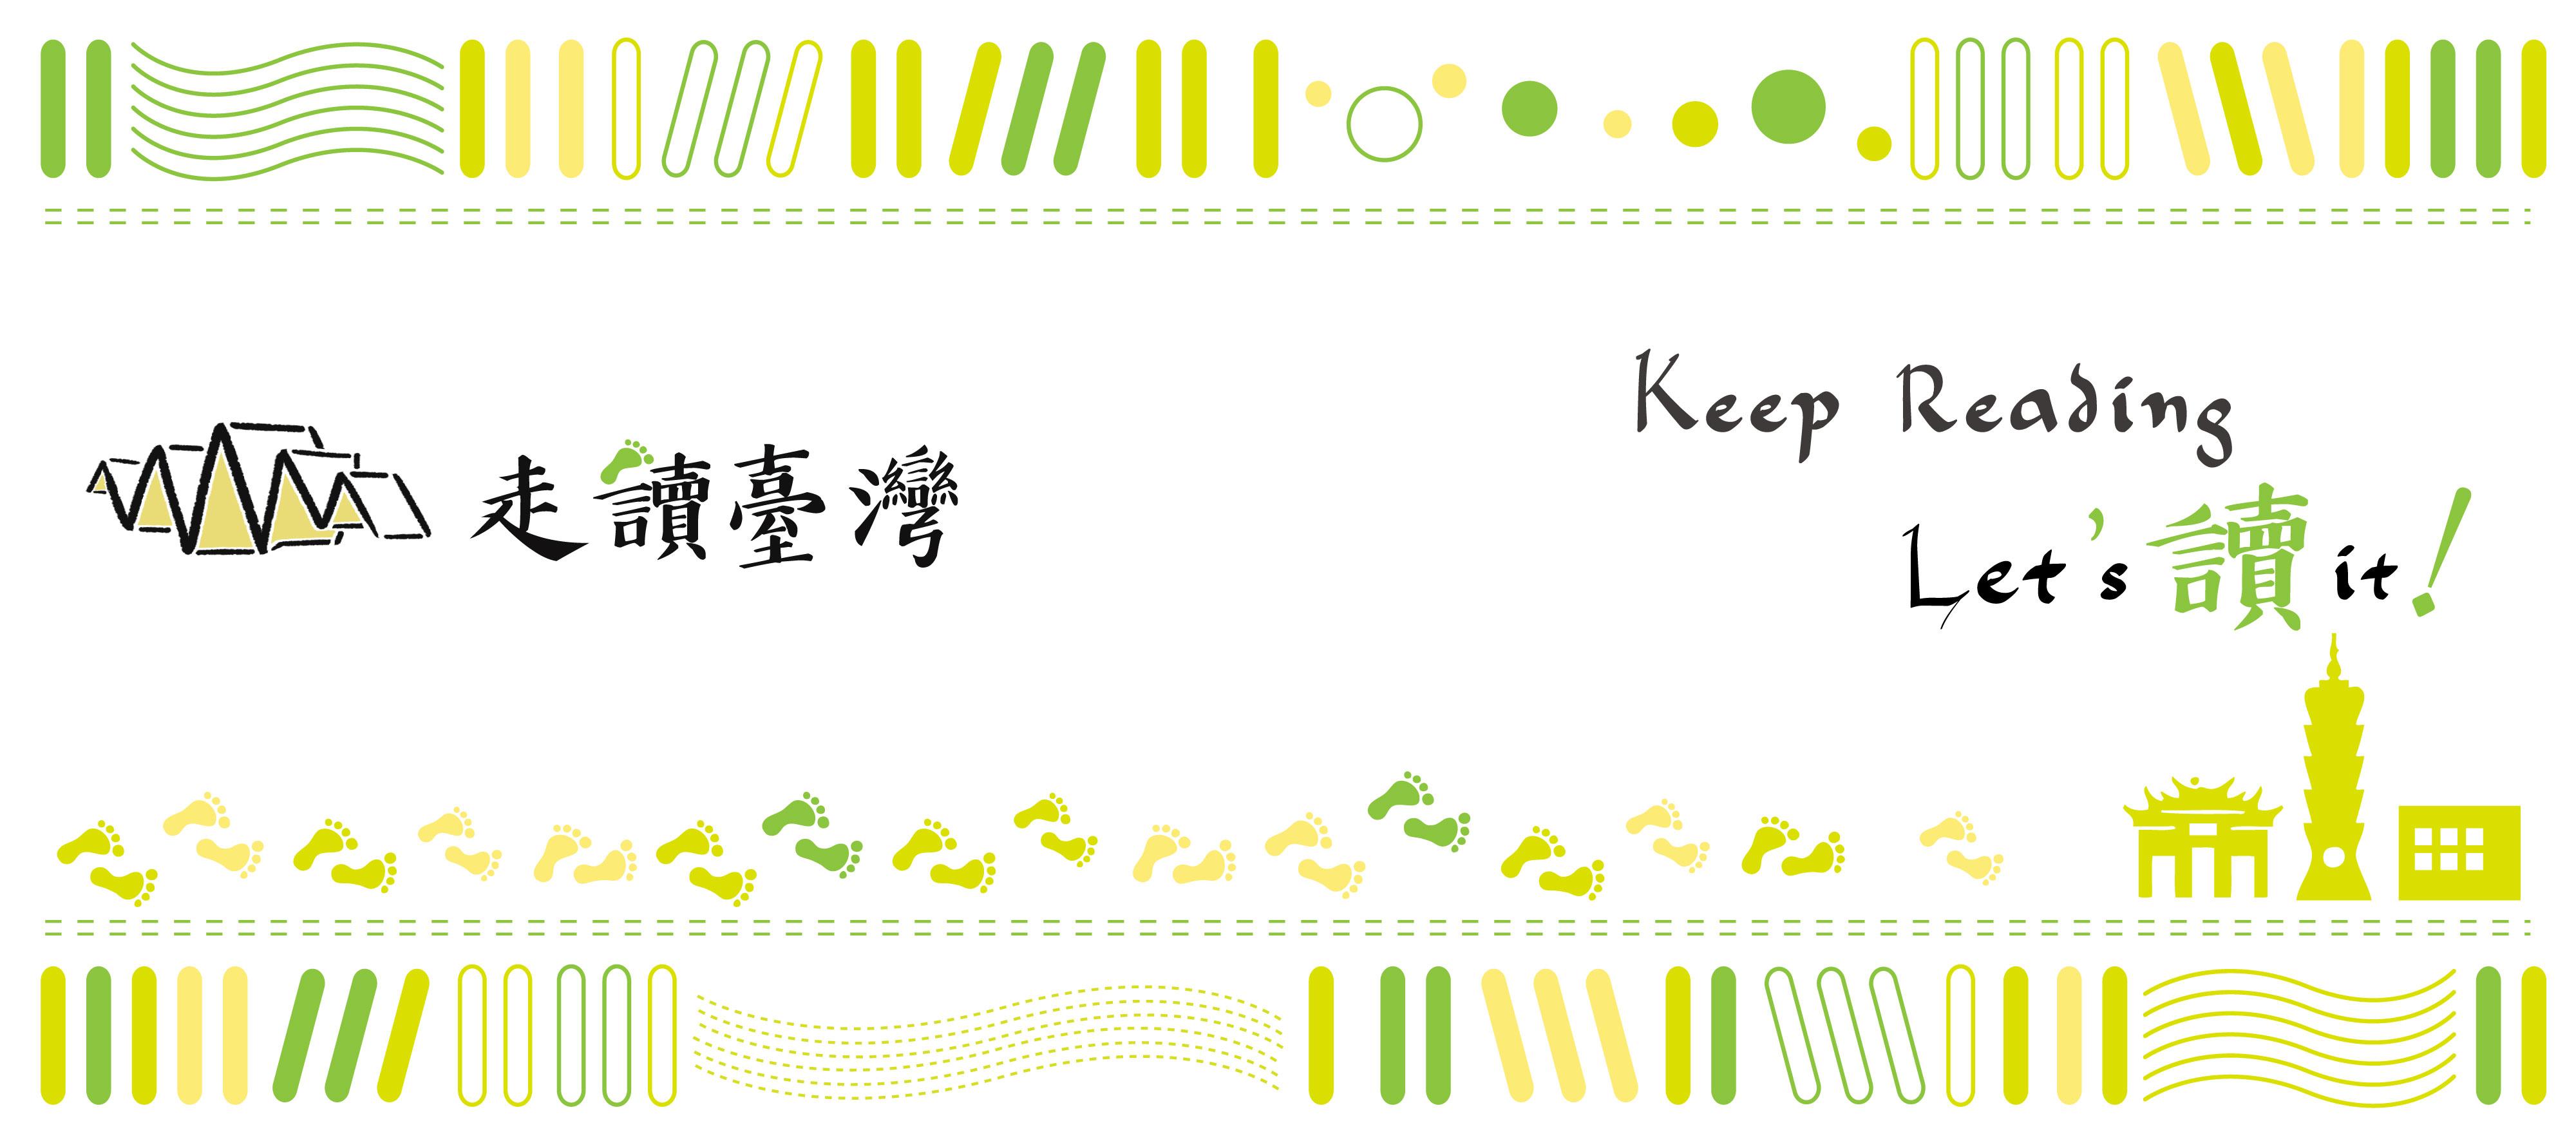 走讀臺灣主視覺banner_1920x850 (1).jpg